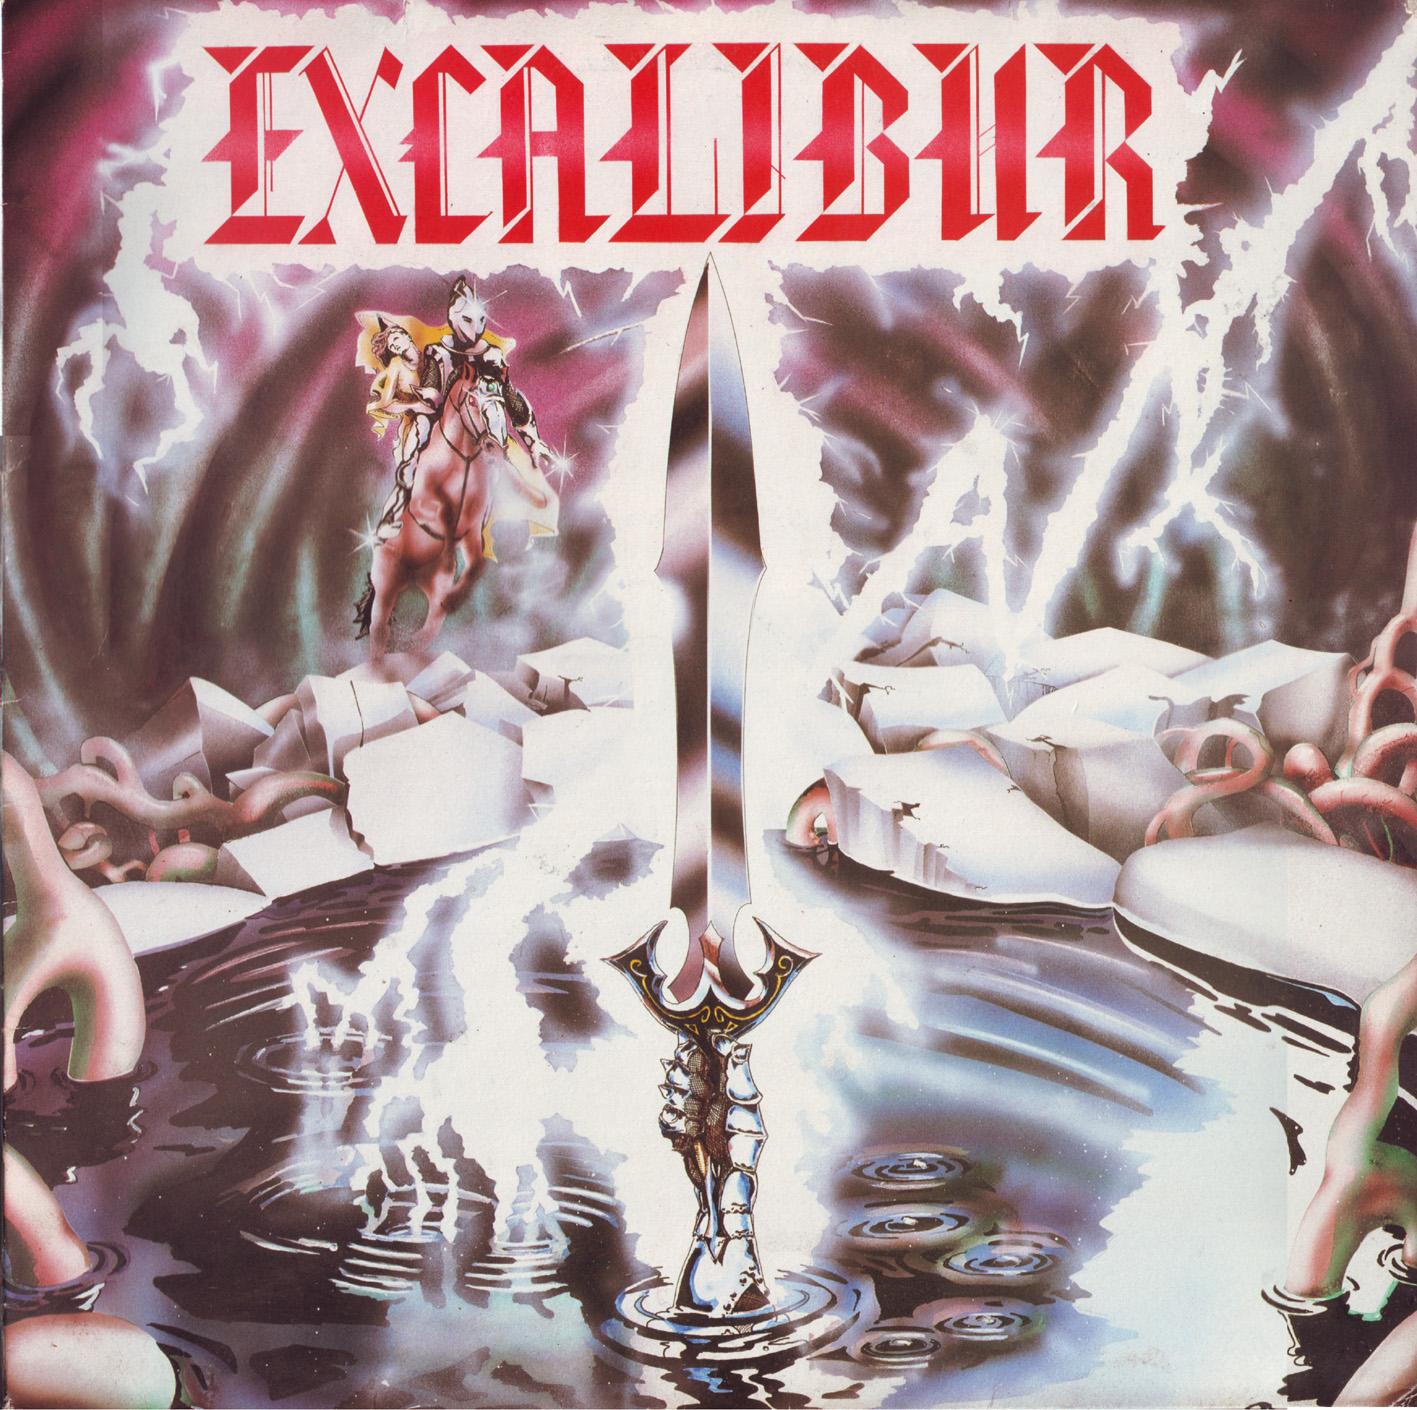 Excalibur LP